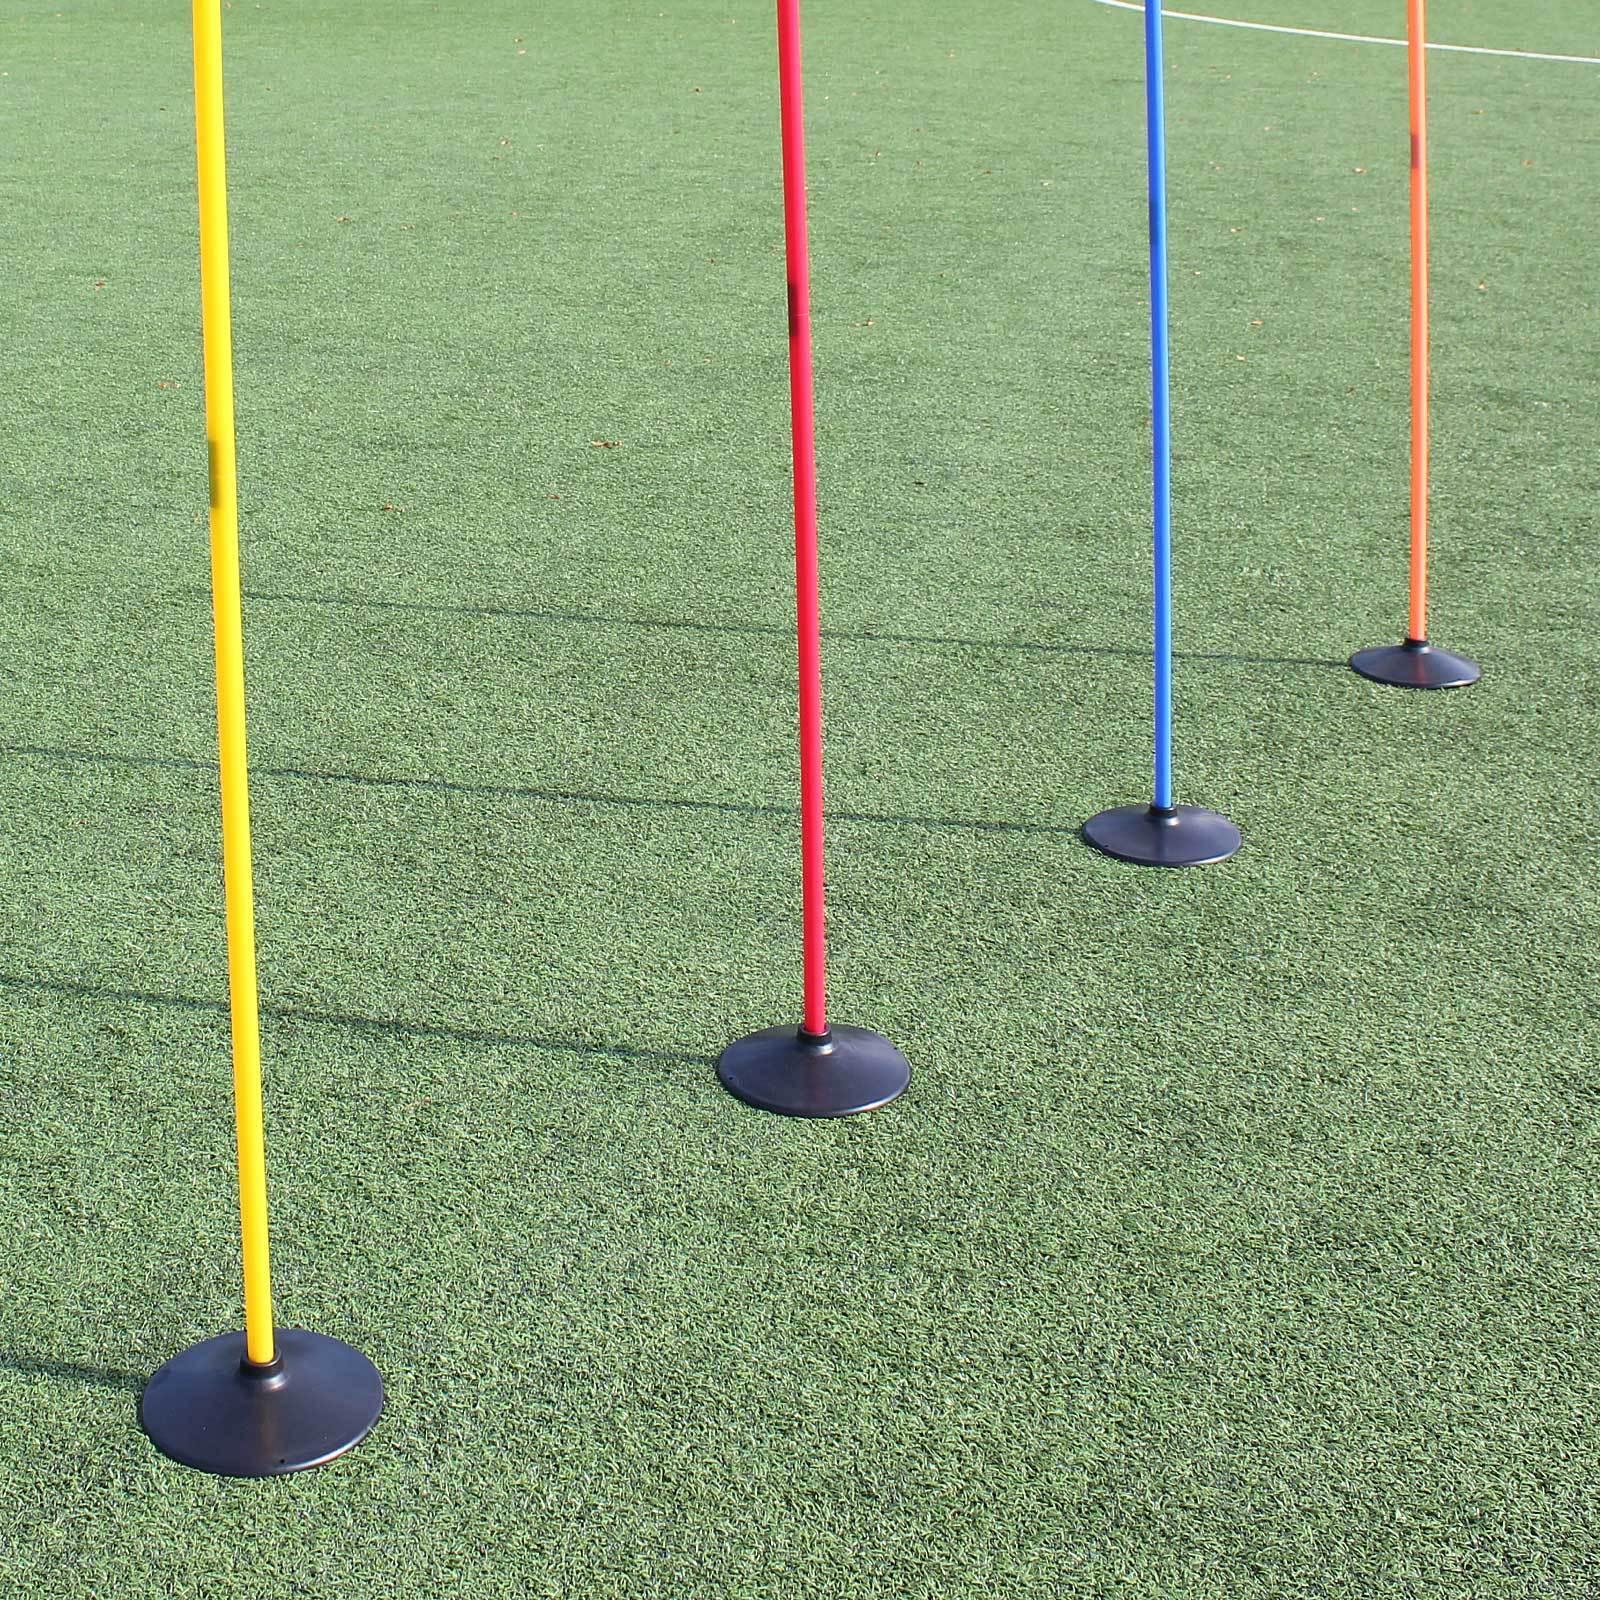 4 x Scheibenfuß Slalomset Stangen 180 cm 4 Farben Farben Farben Neu Superspieler24 eeda6f